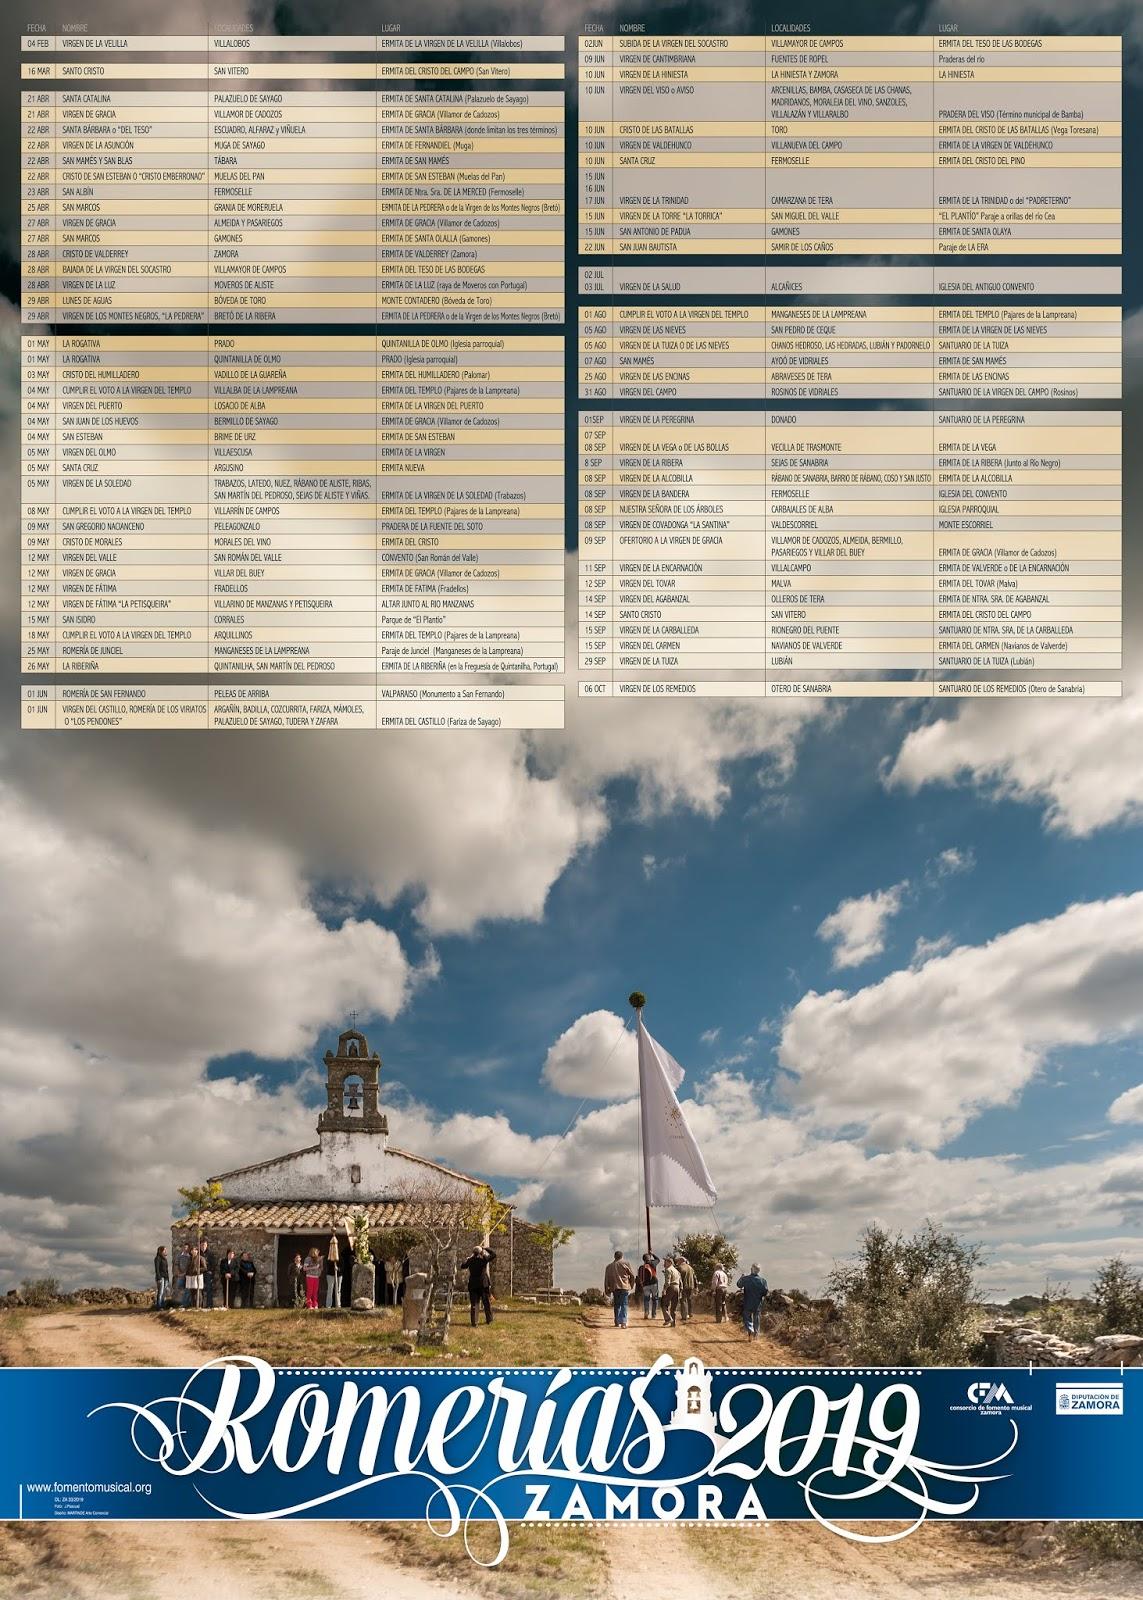 Calendario El Grafico 2019 Pdf.Calendario De Romerias 2019